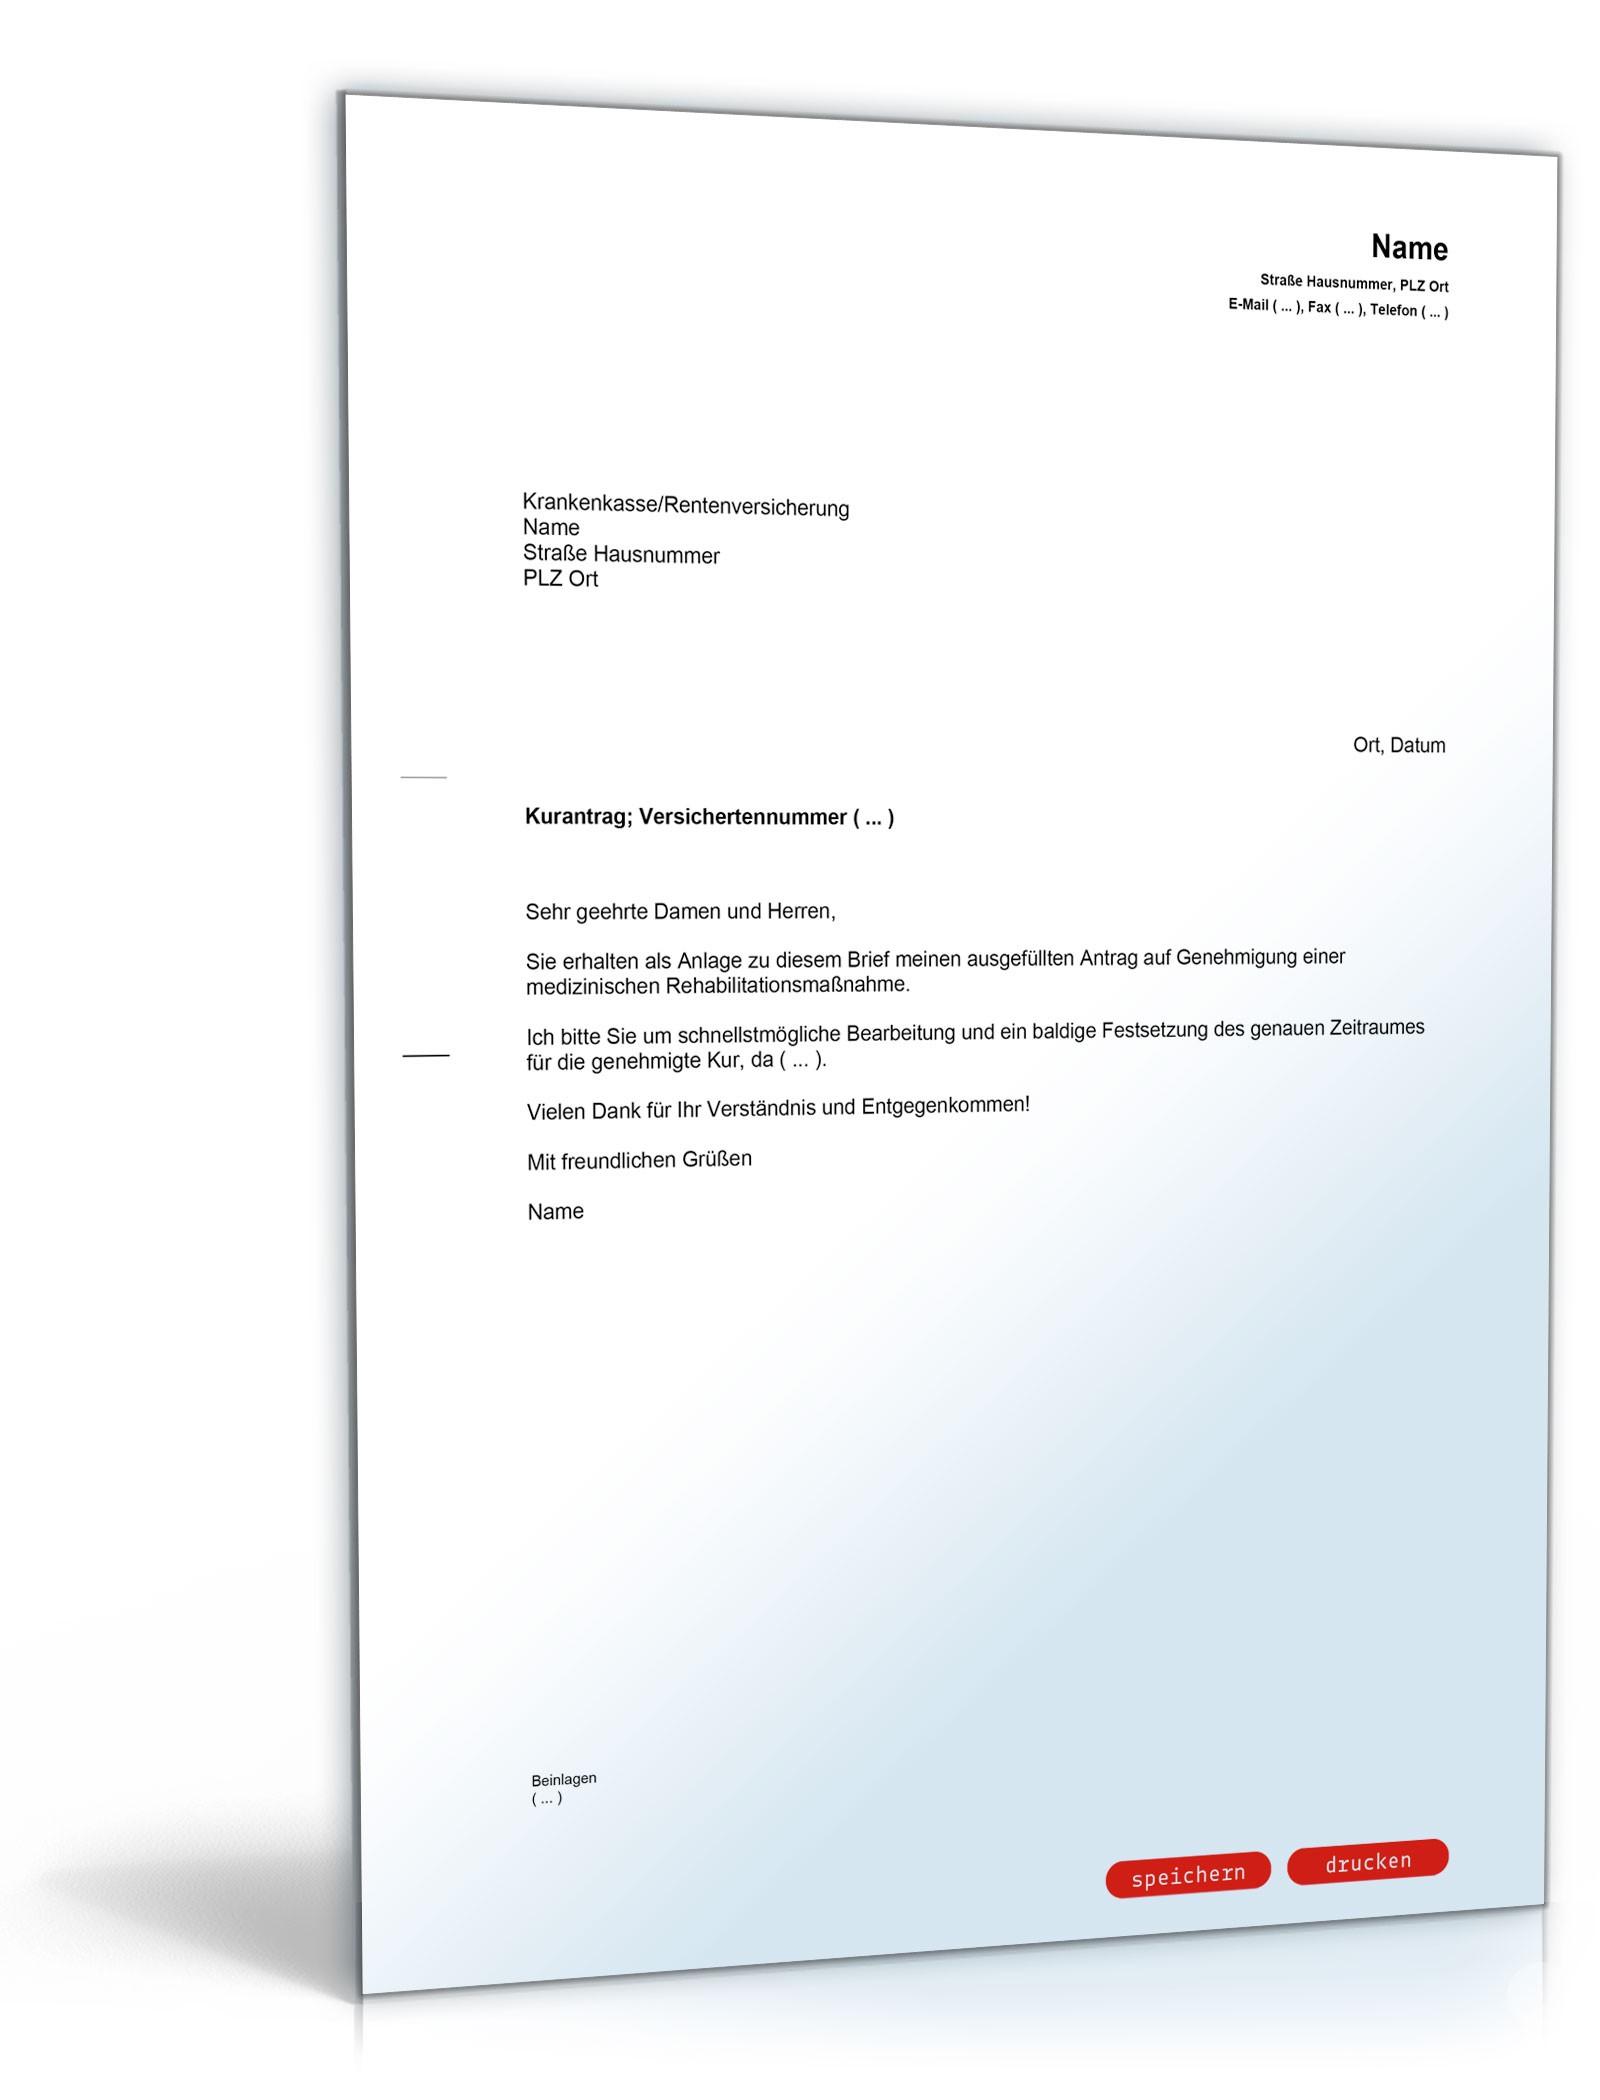 begleitschreiben kurantrag bei krankenversicherung muster vorlage zum download - Stundungsantrag Muster